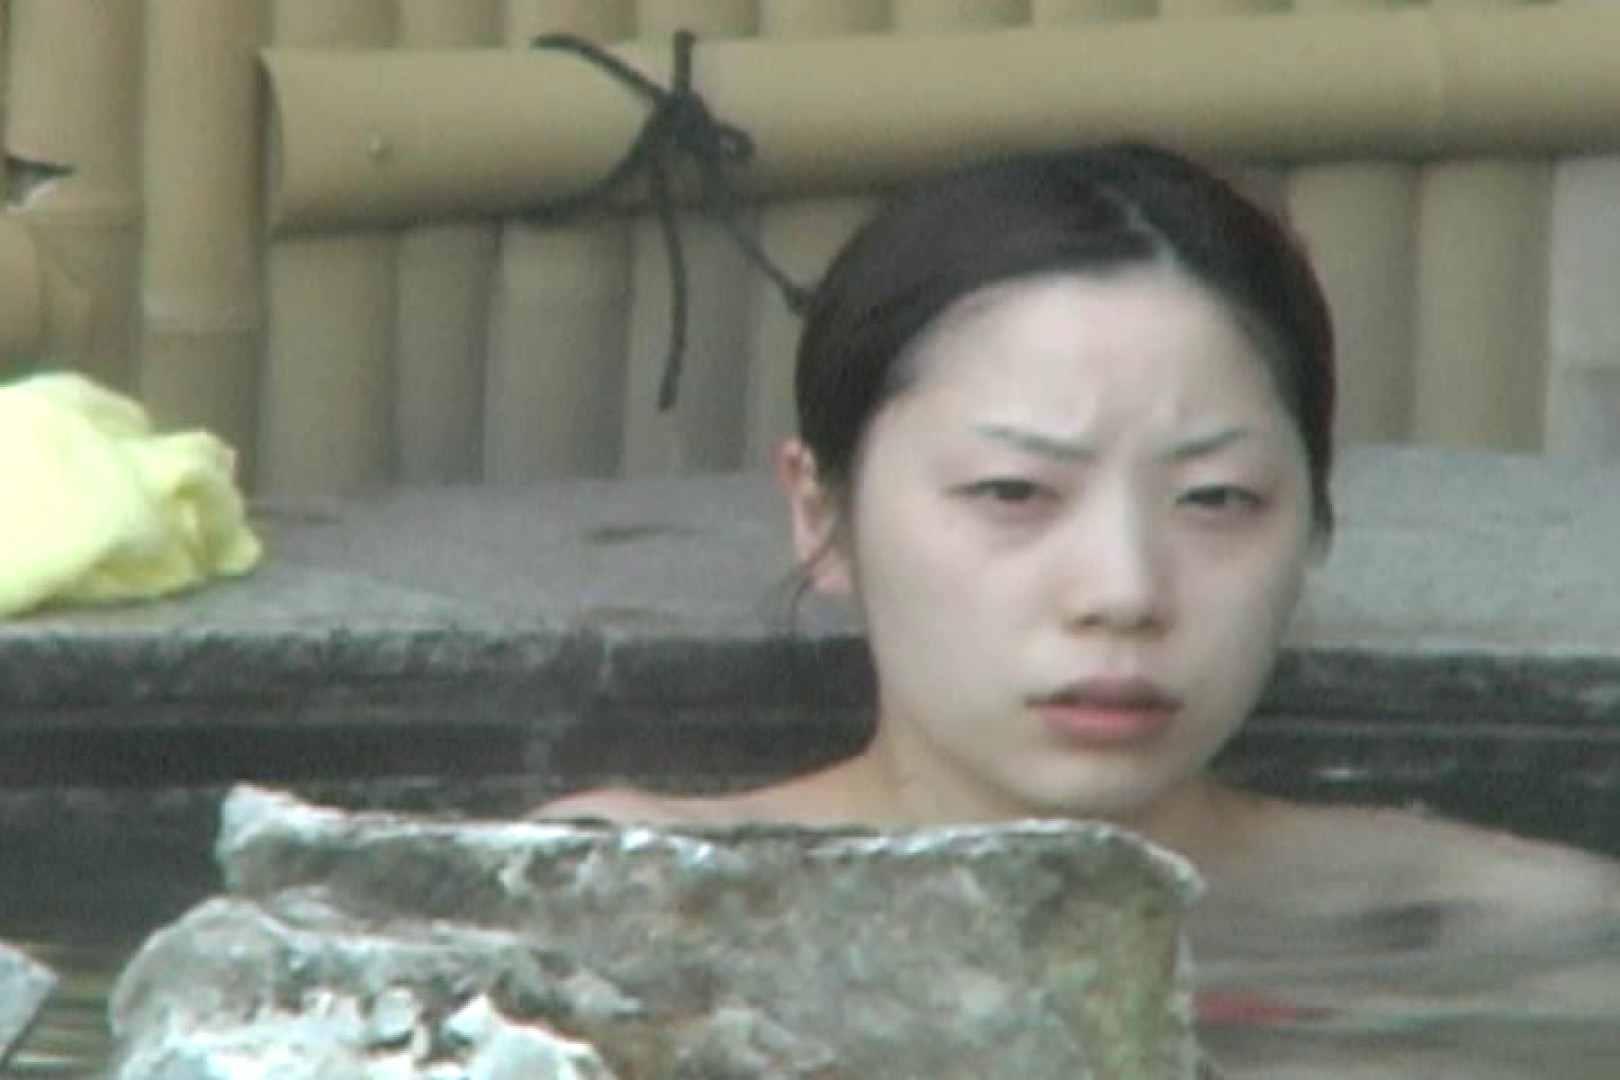 Aquaな露天風呂Vol.596 盗撮シリーズ  113PIX 38